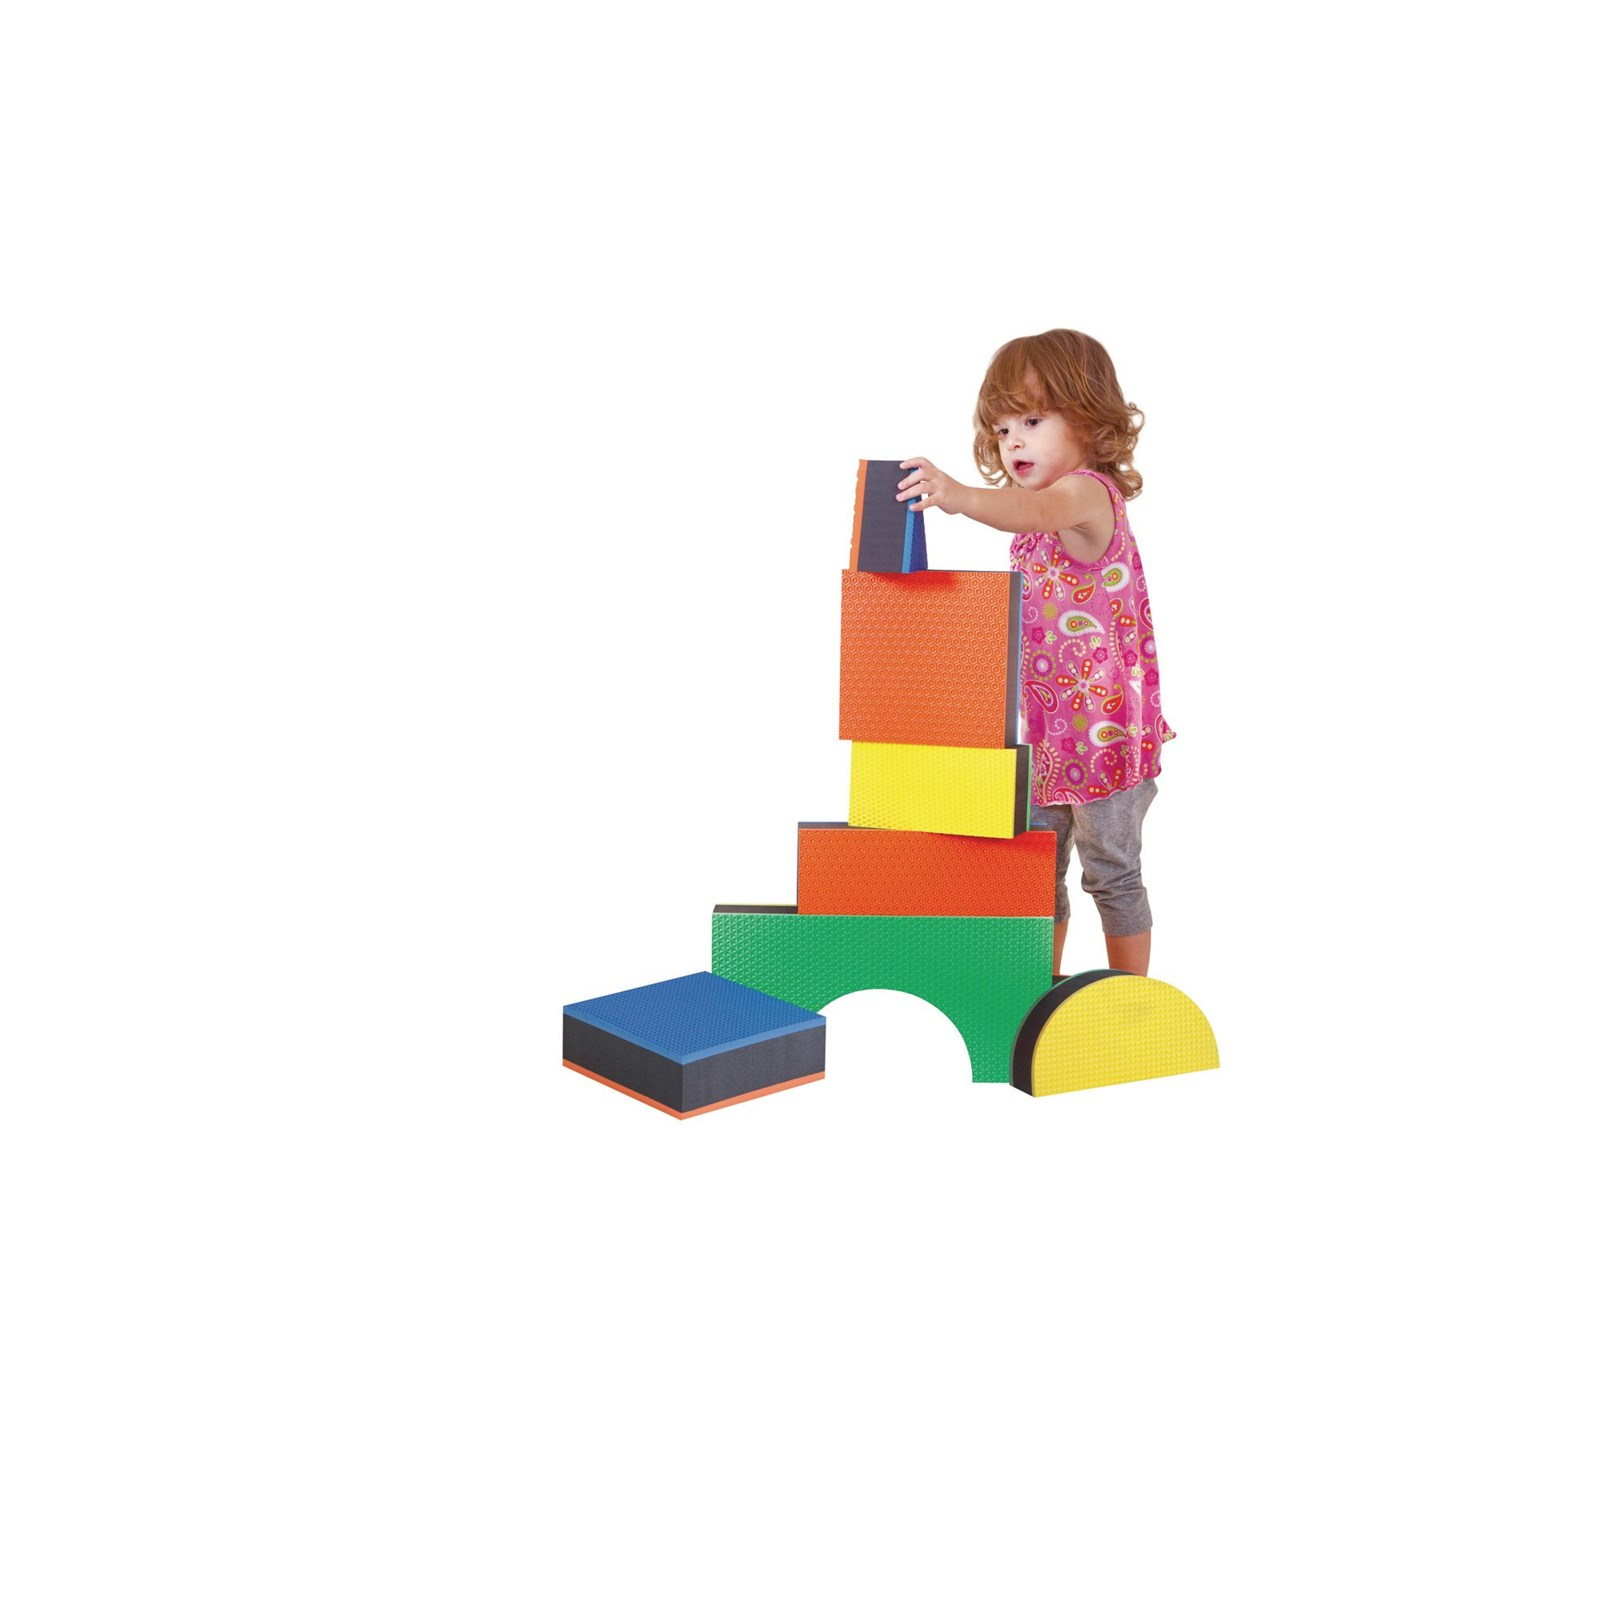 Jumbo Textured Blocks